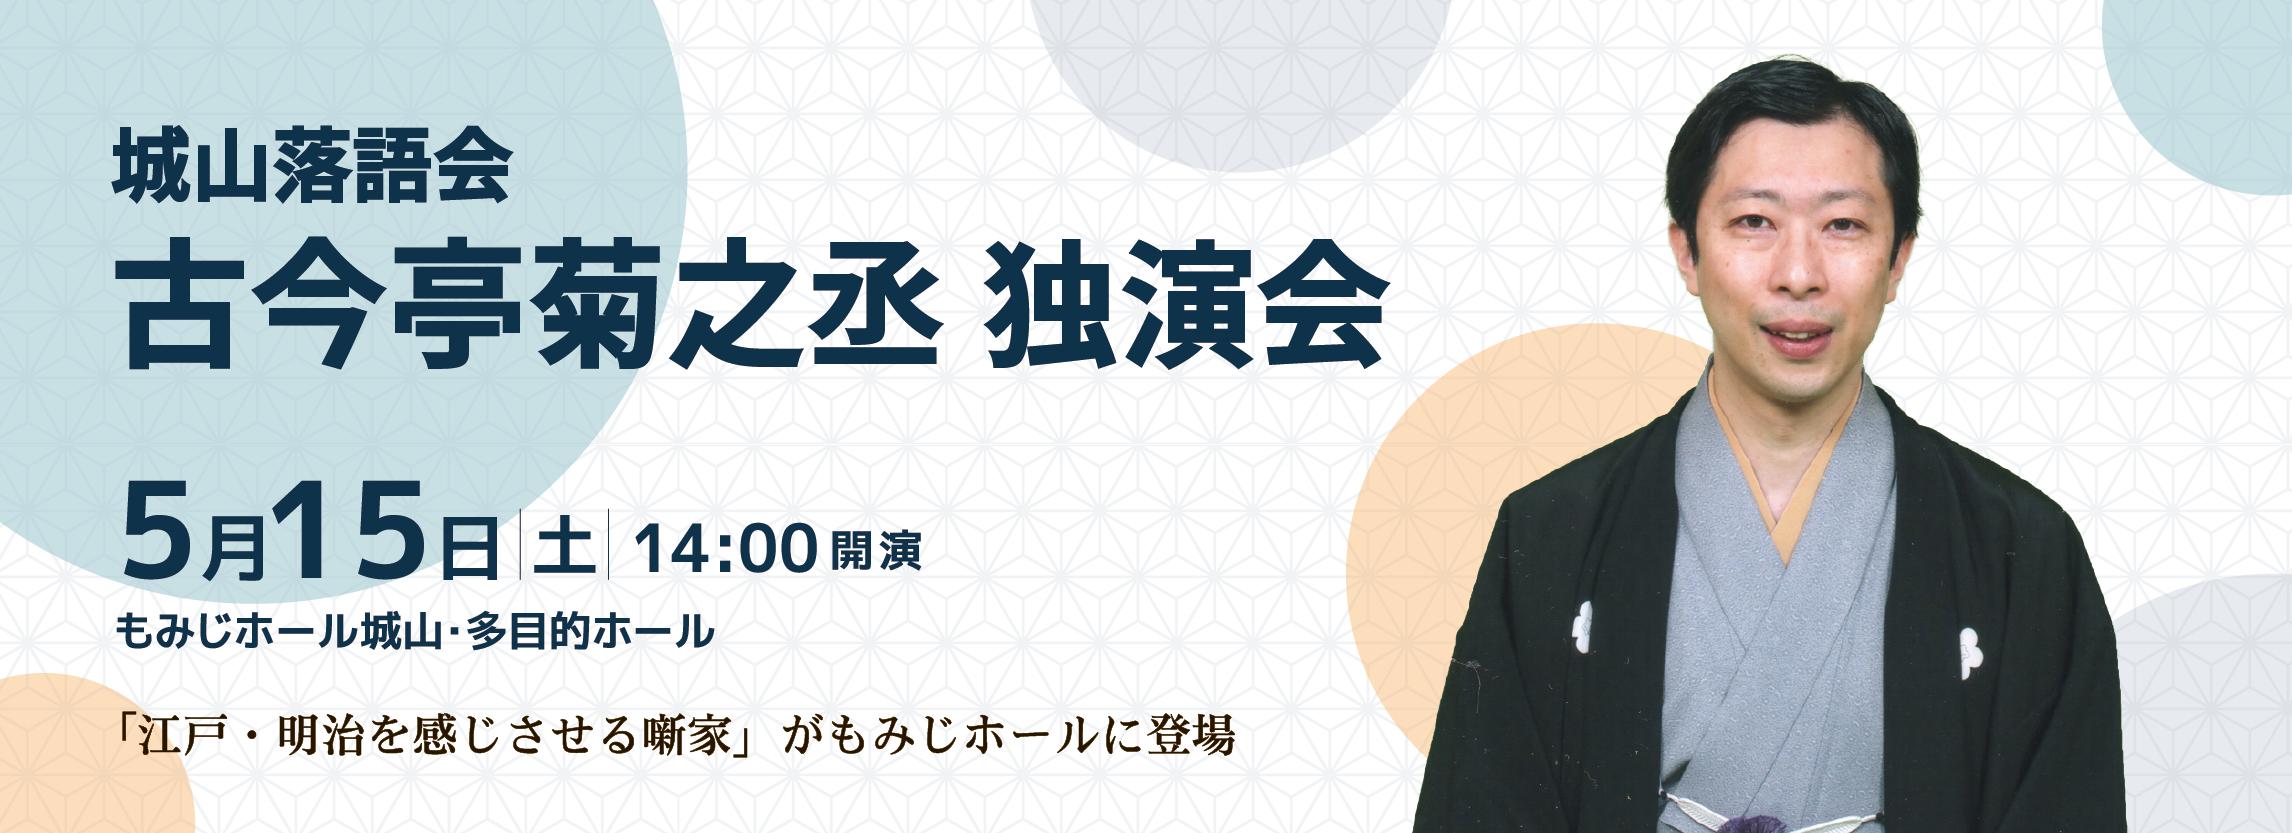 古今亭菊之丞独演会